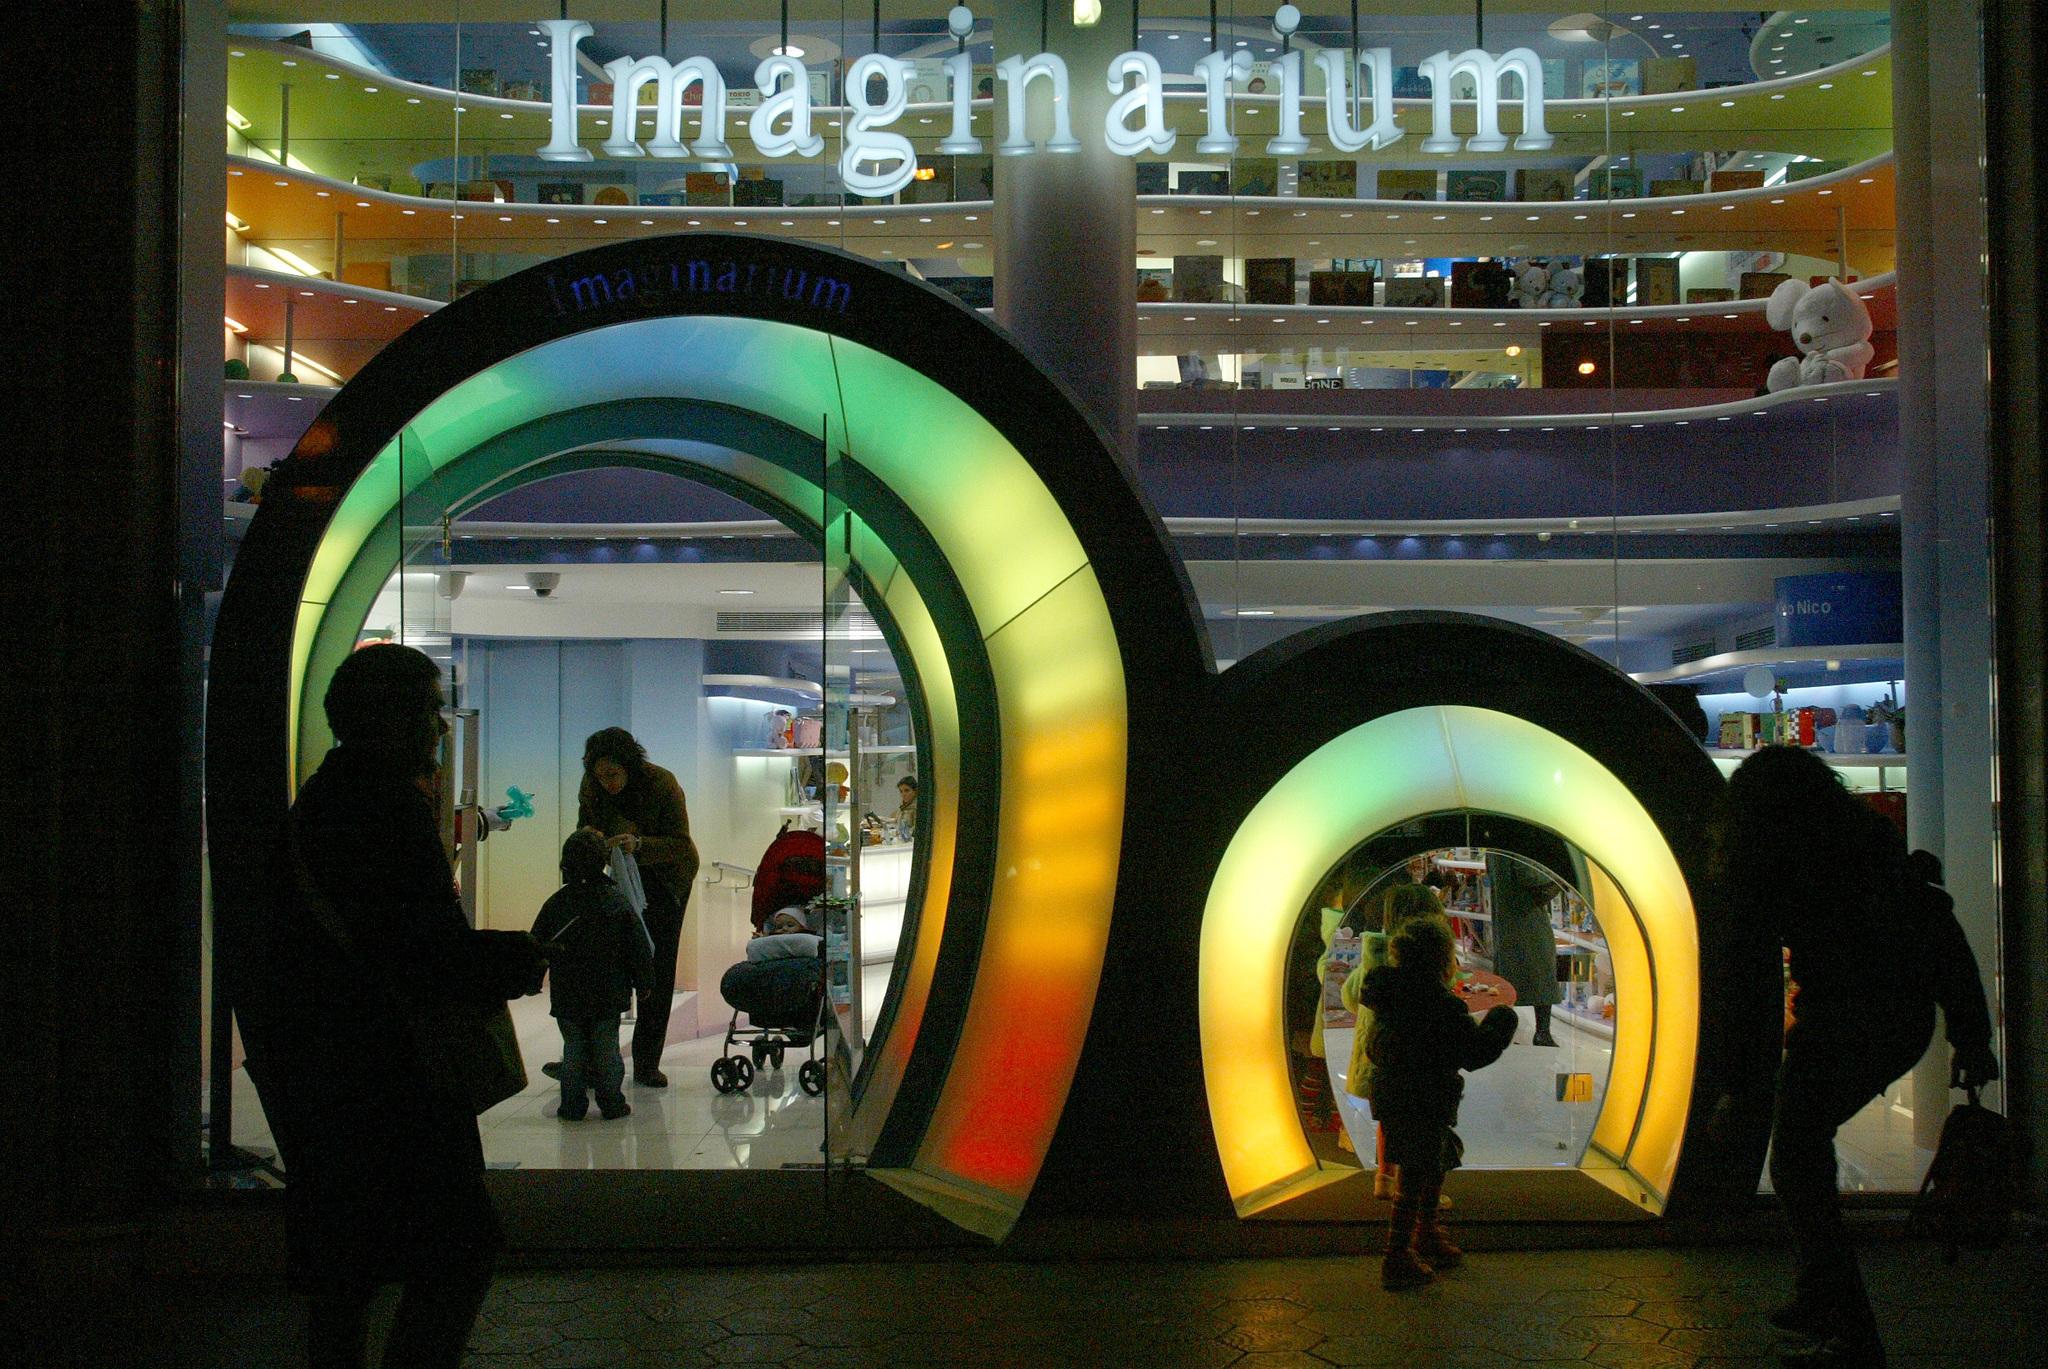 Entrada de una tienda Imaginarium, con sus dos puertas.